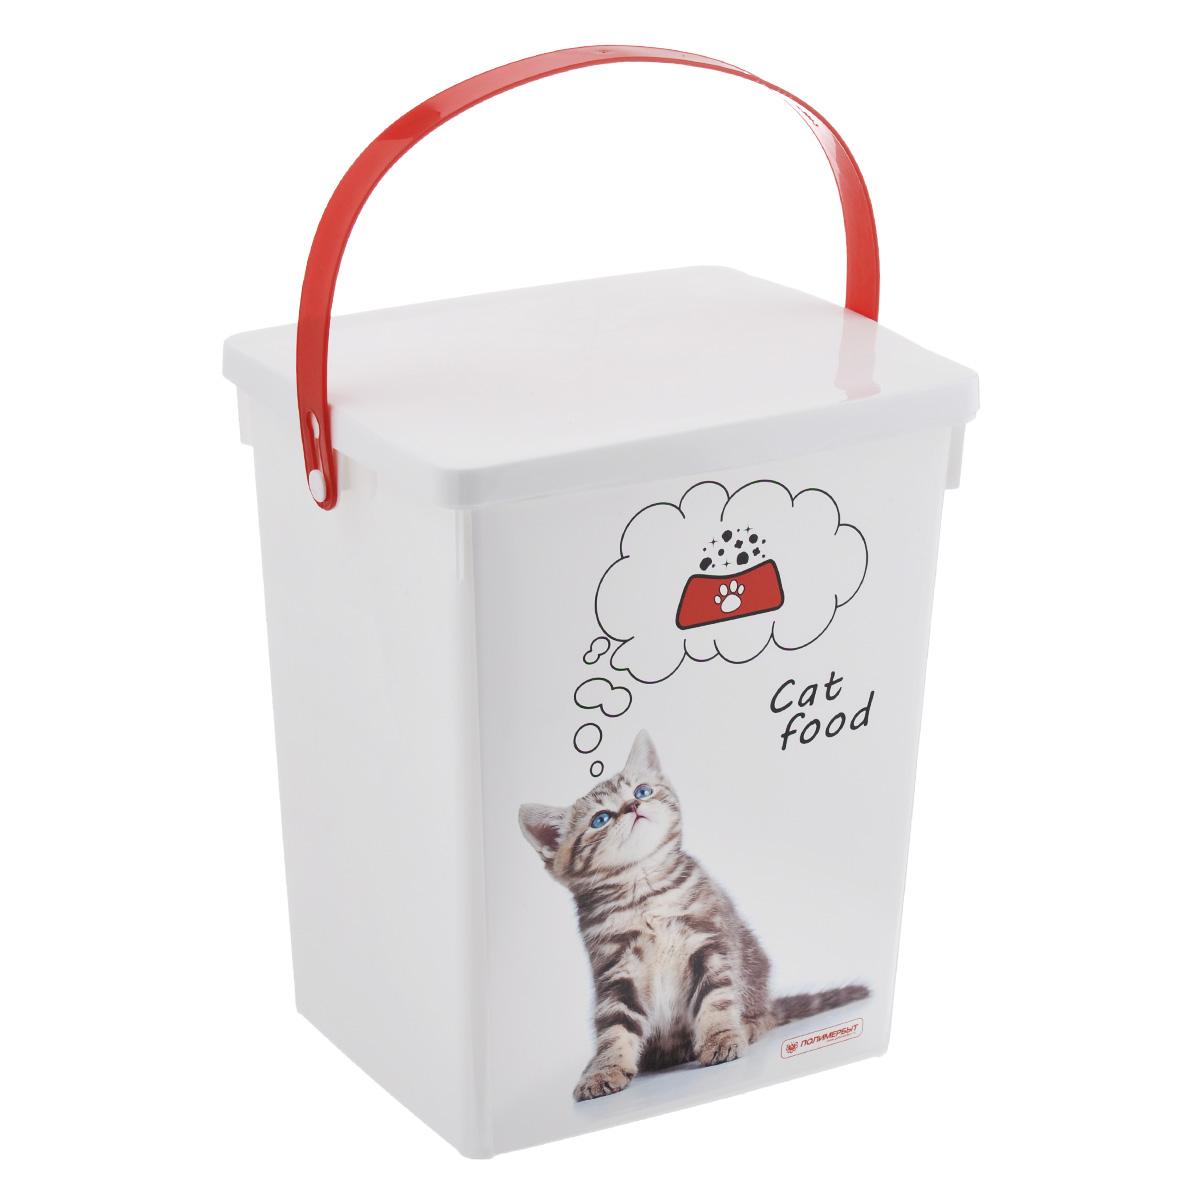 Контейнер для хранения корма Полимербыт Cat Food, цвет: белый, красный, 5 л